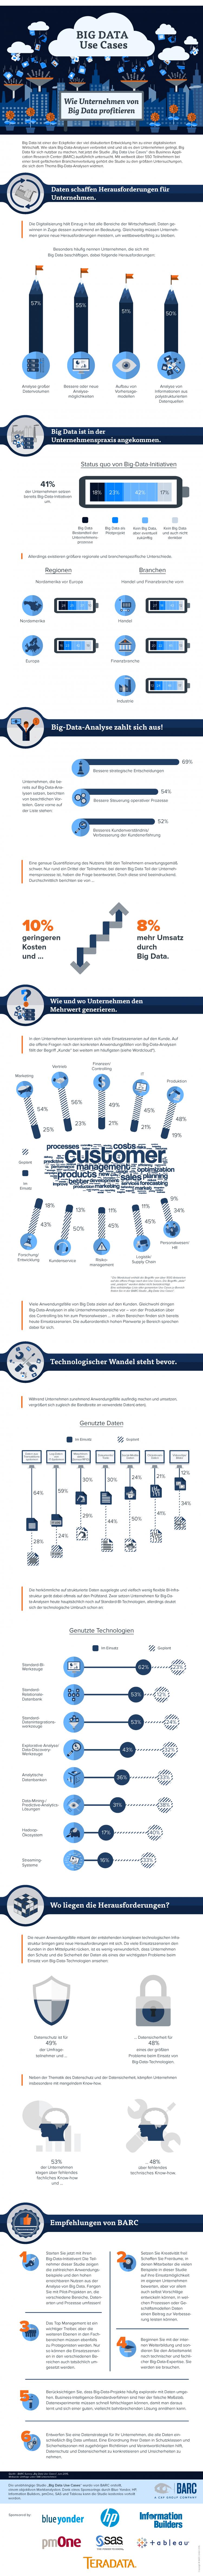 Infografik mit Anwendungsbeispielen für Big Data